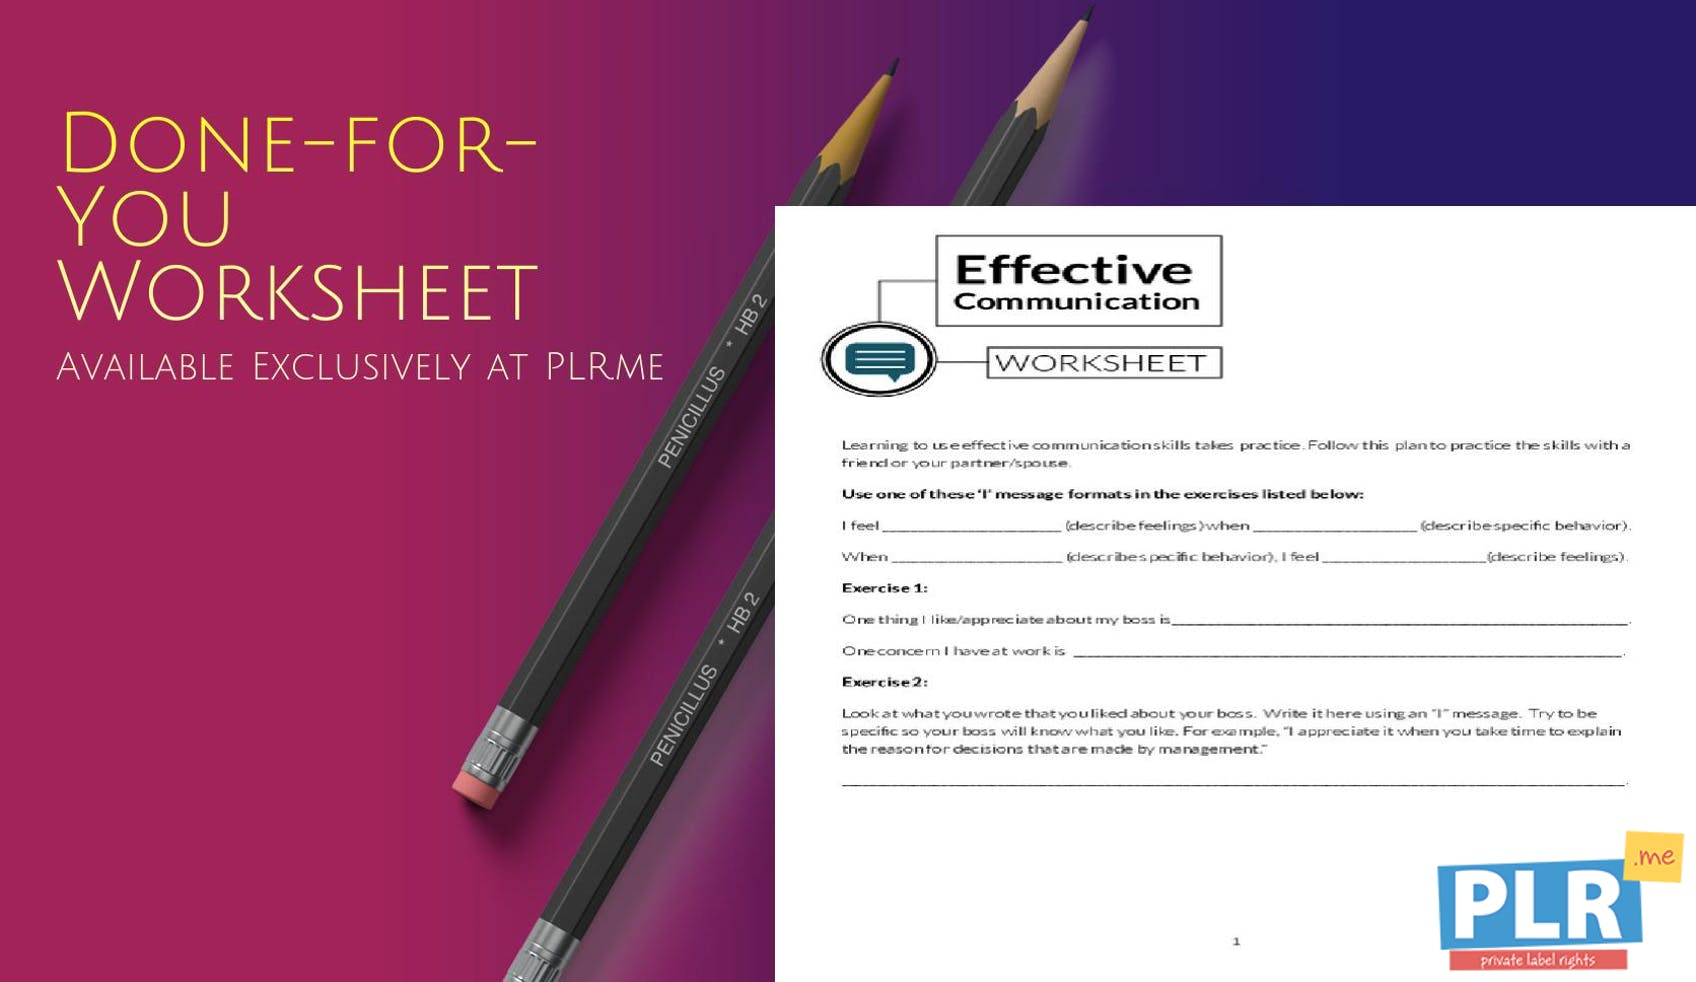 Plr Worksheets Effective Communication Worksheet Plr Me